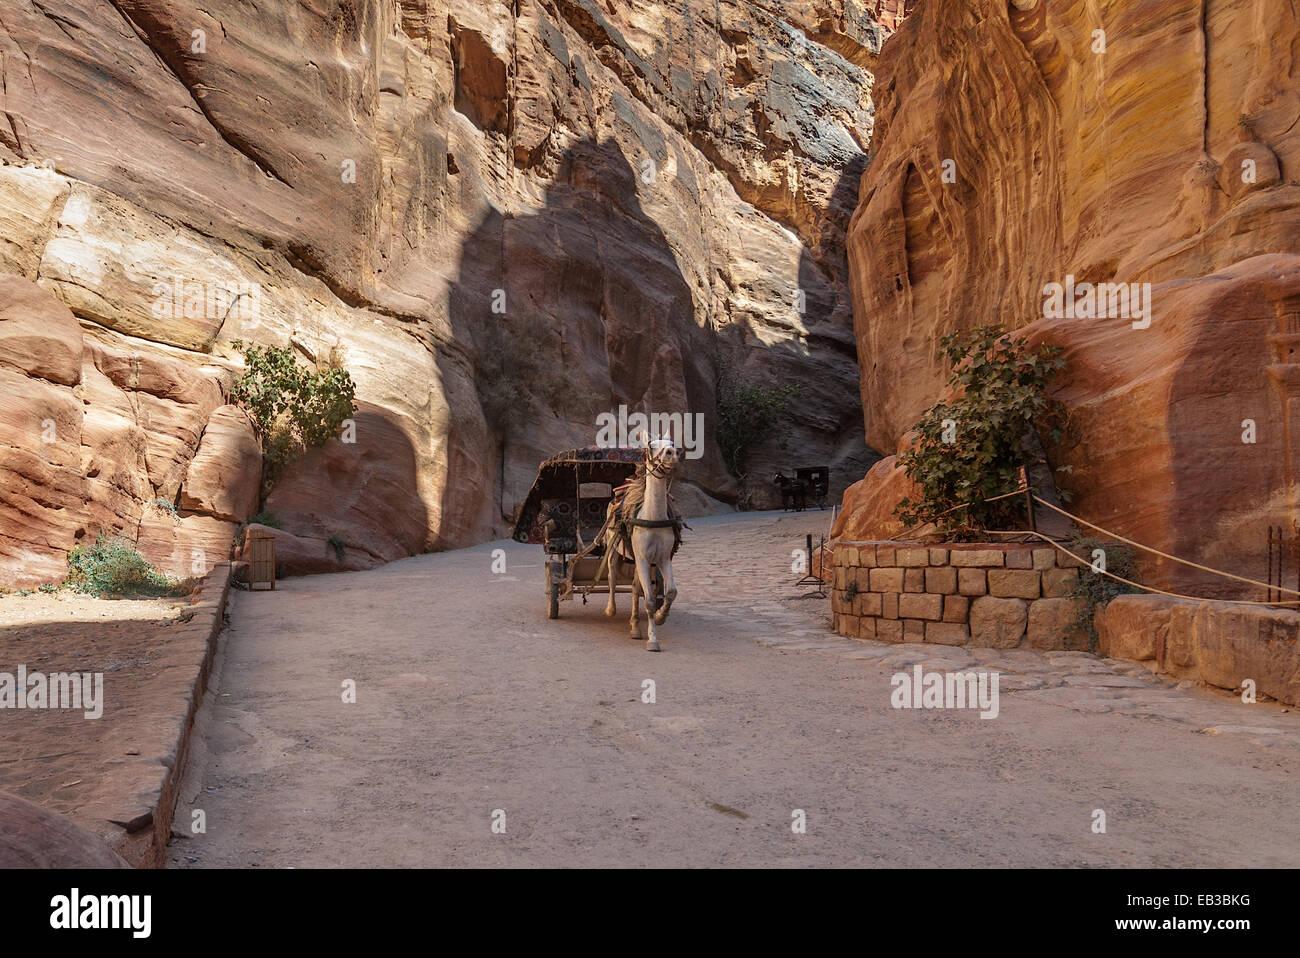 Jordan, Ma'an, Um Sayhun, Petra, Horse carriage ferries tourist - Stock Image